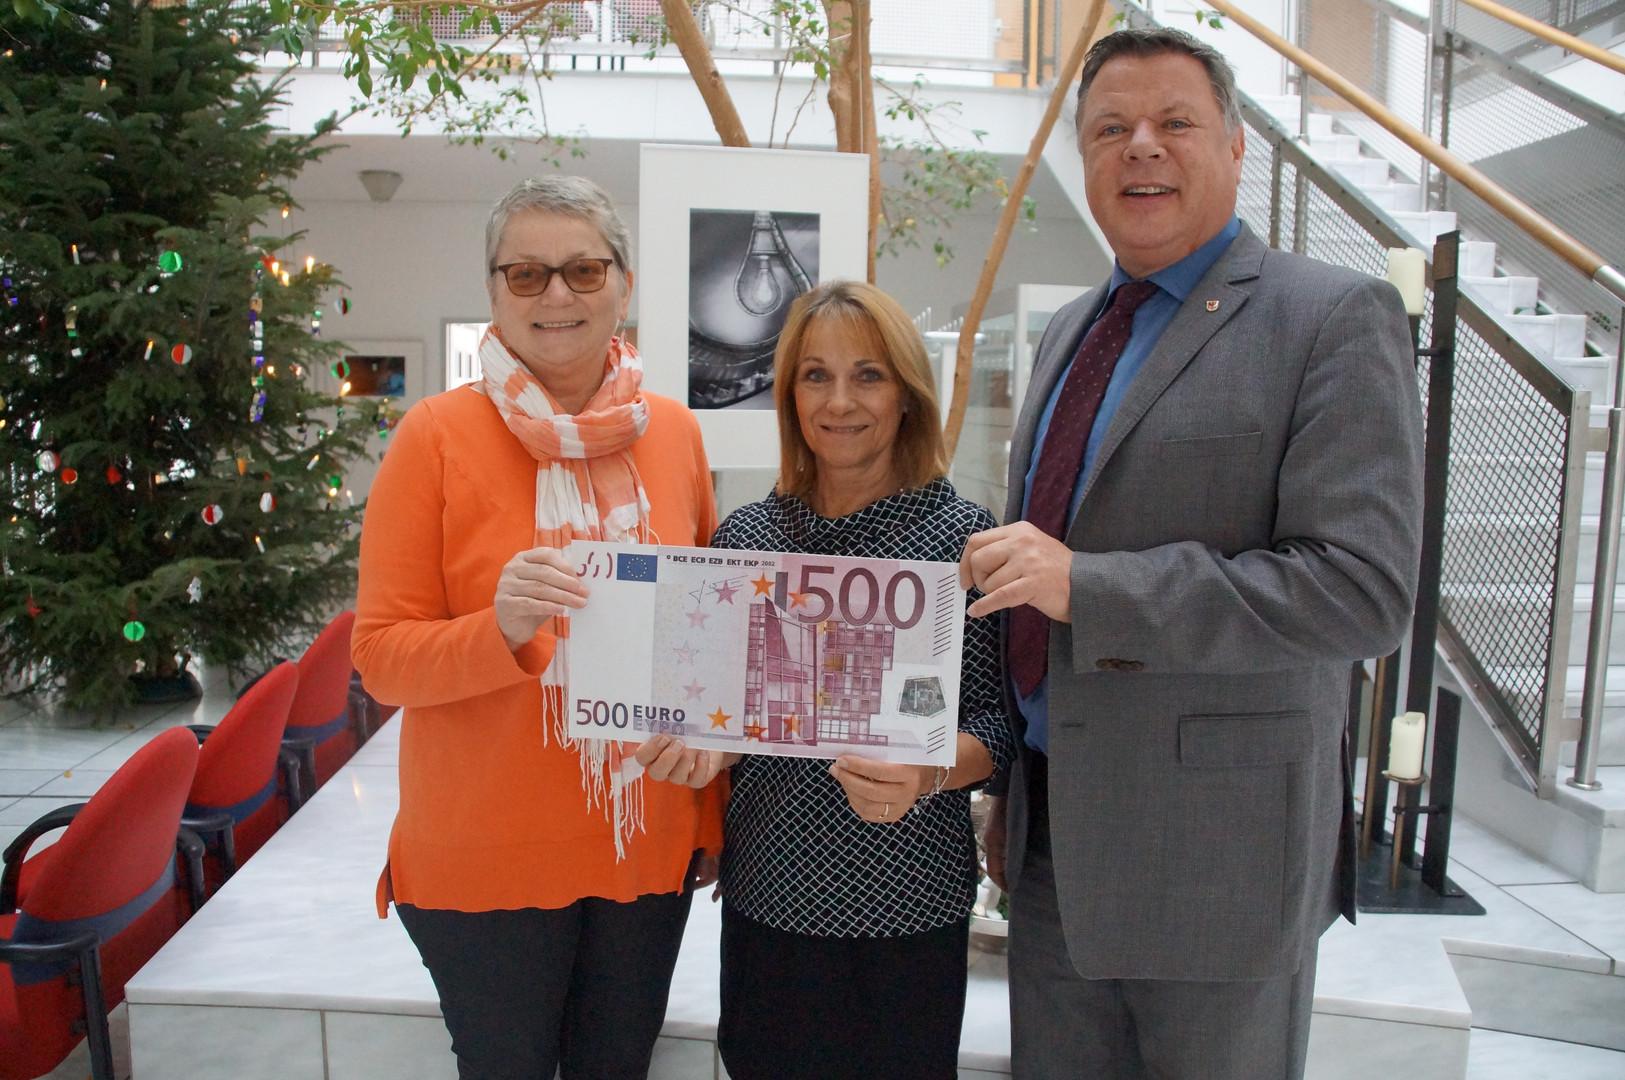 Versteigerung im Rathaus Zorneding: Fotokunst für einen guten Zweck